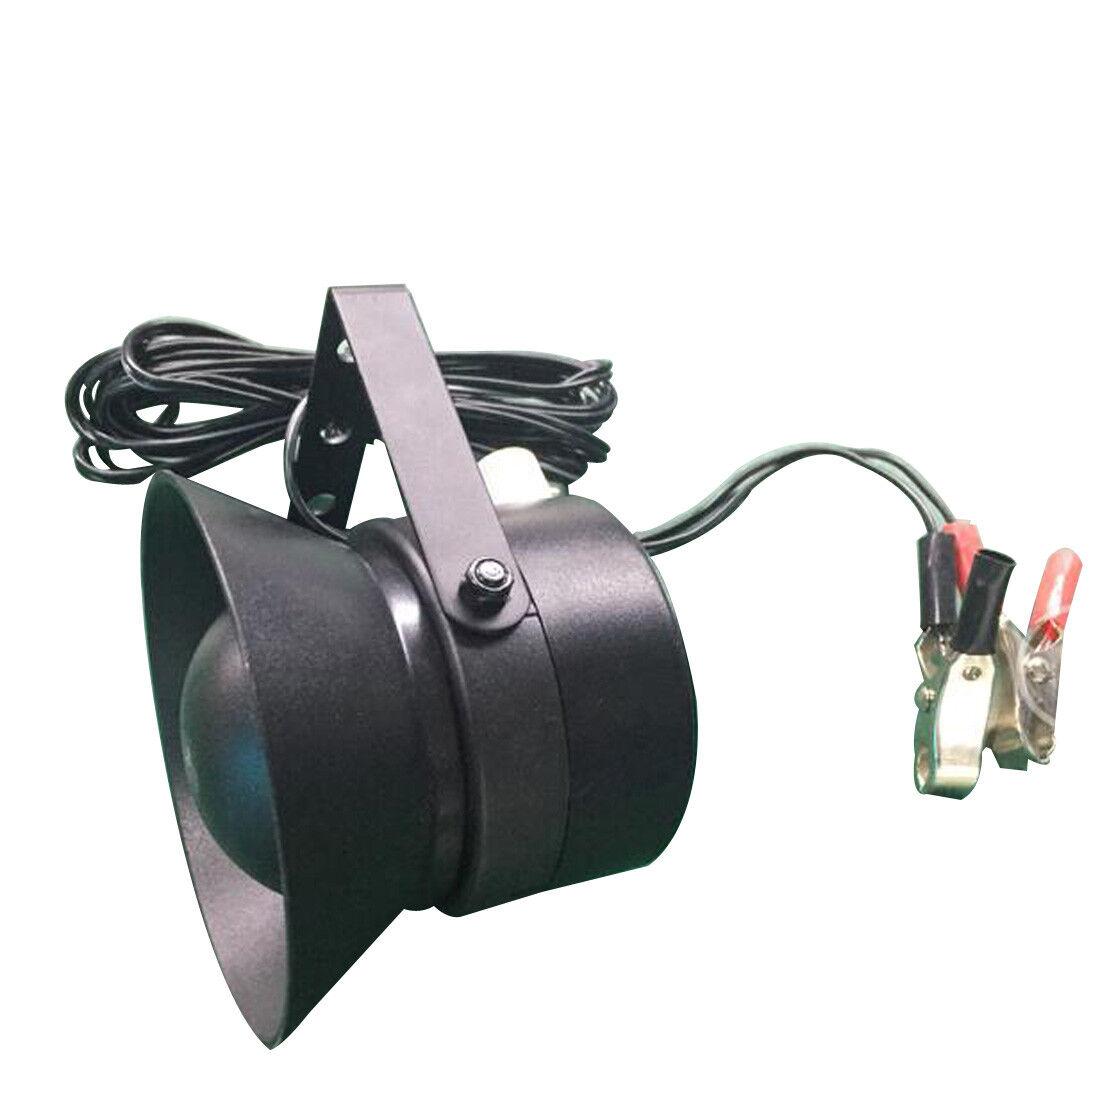 Caza de aves Llamador Mp3 reproductor 35 W 125dB altavoz temporizador incorporado más fuerte ave llamada